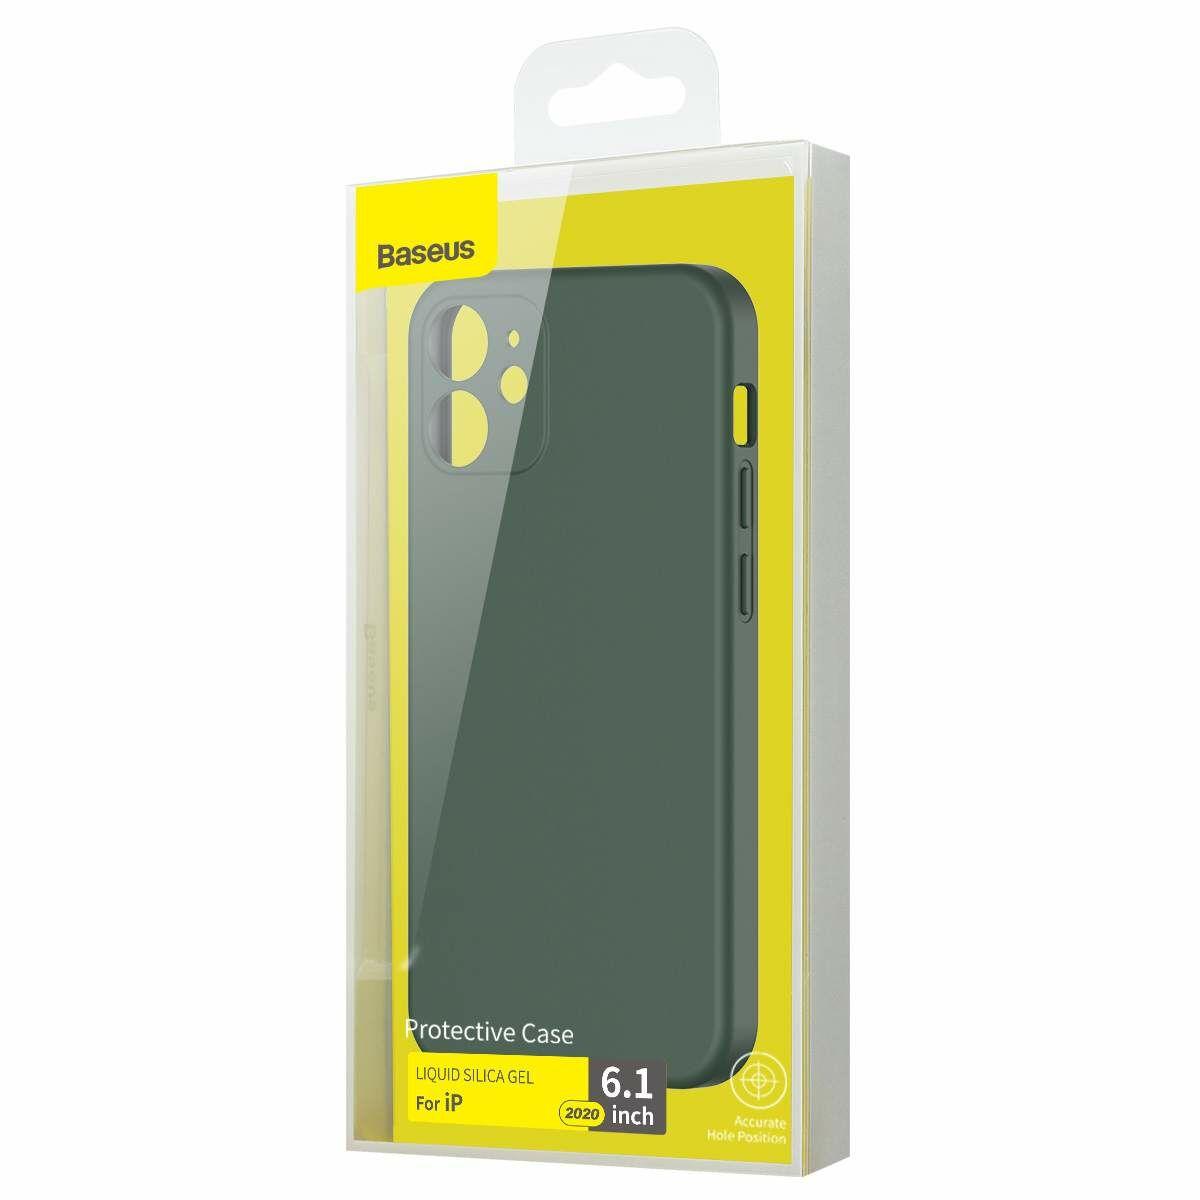 Baseus iPhone 12/12 Pro tok, Liquid Sicila Gel, sötétzöld (WIAPIPH61N-YT6A)